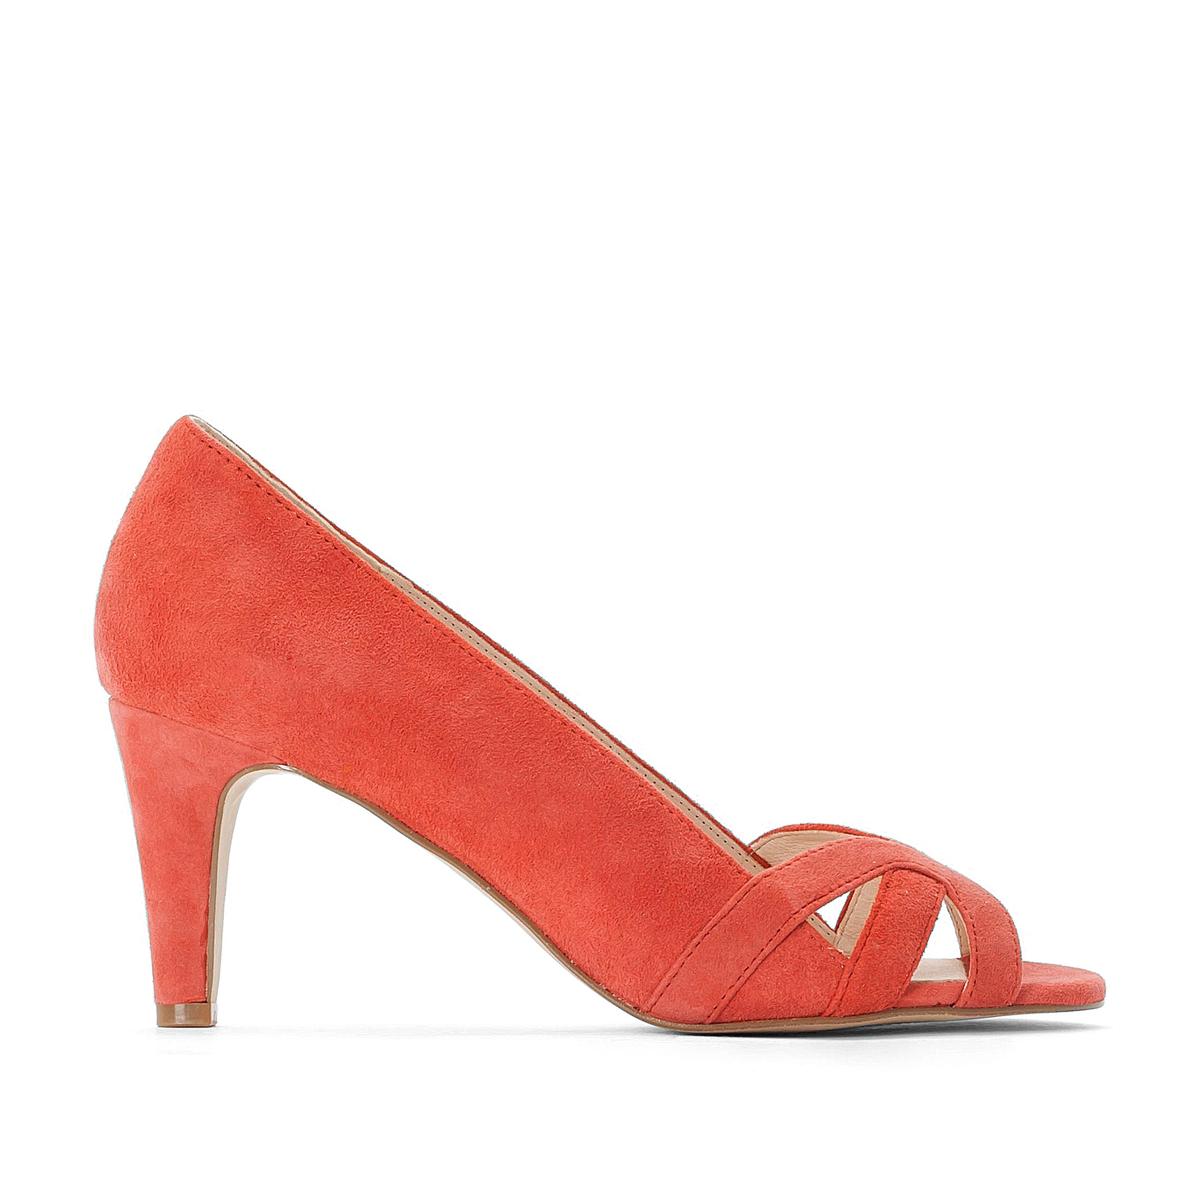 Туфли La Redoute Кожаные с открытым мыском 40 оранжевый туфли la redoute кожаные с открытым мыском и деталями золотистого цвета 41 черный